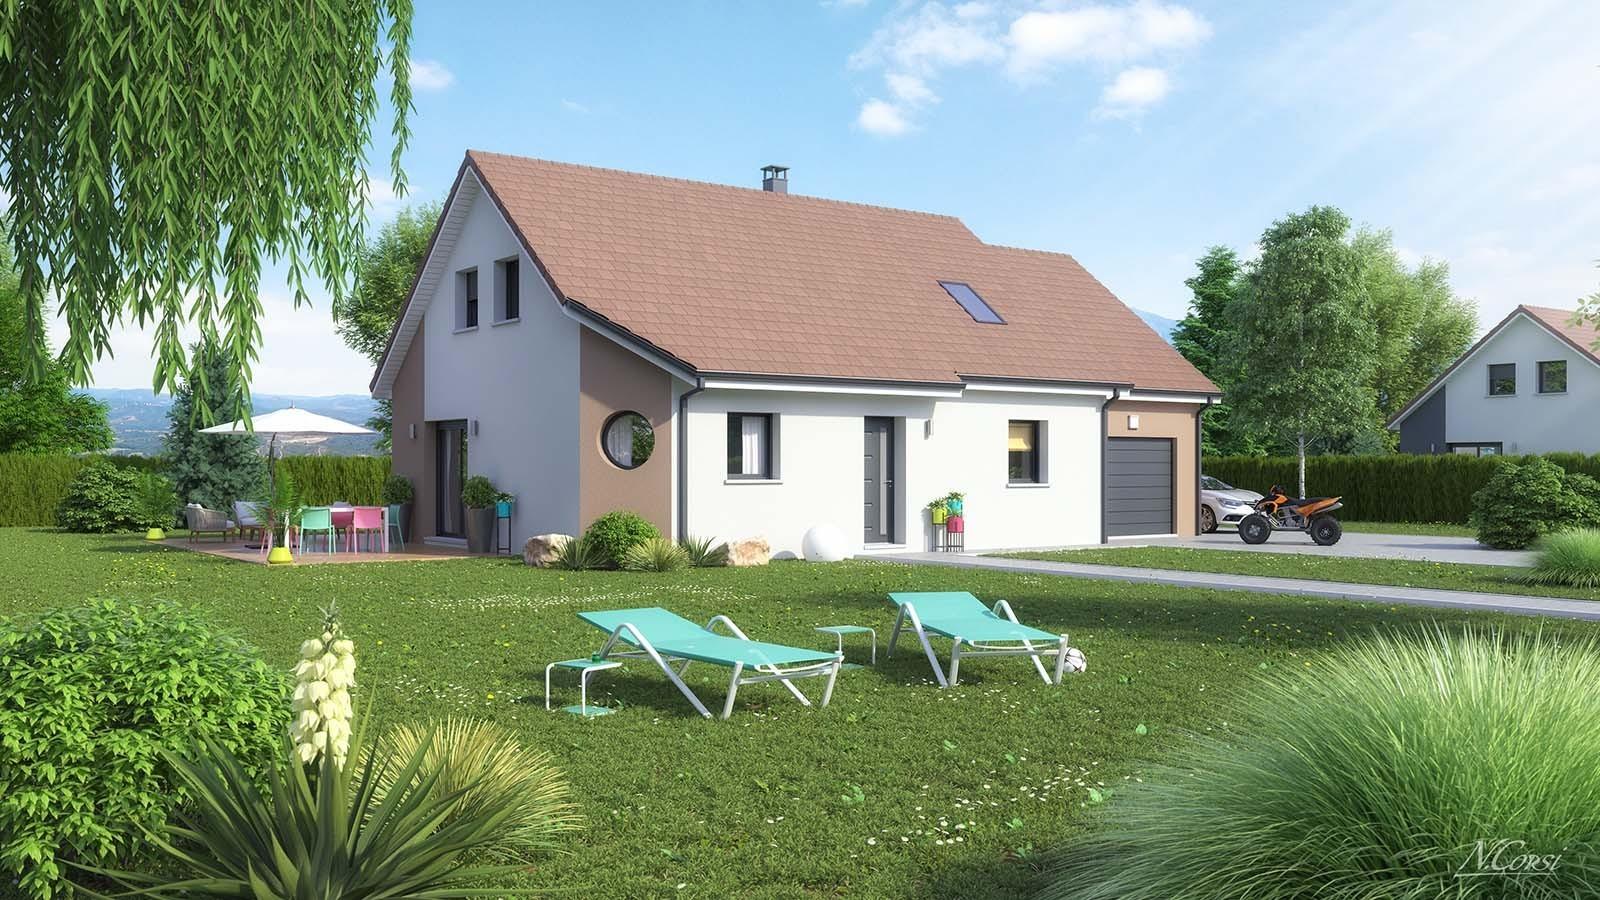 Maisons optimal constructeur de maisons individuelles for Constructeur de maison individuelle 56